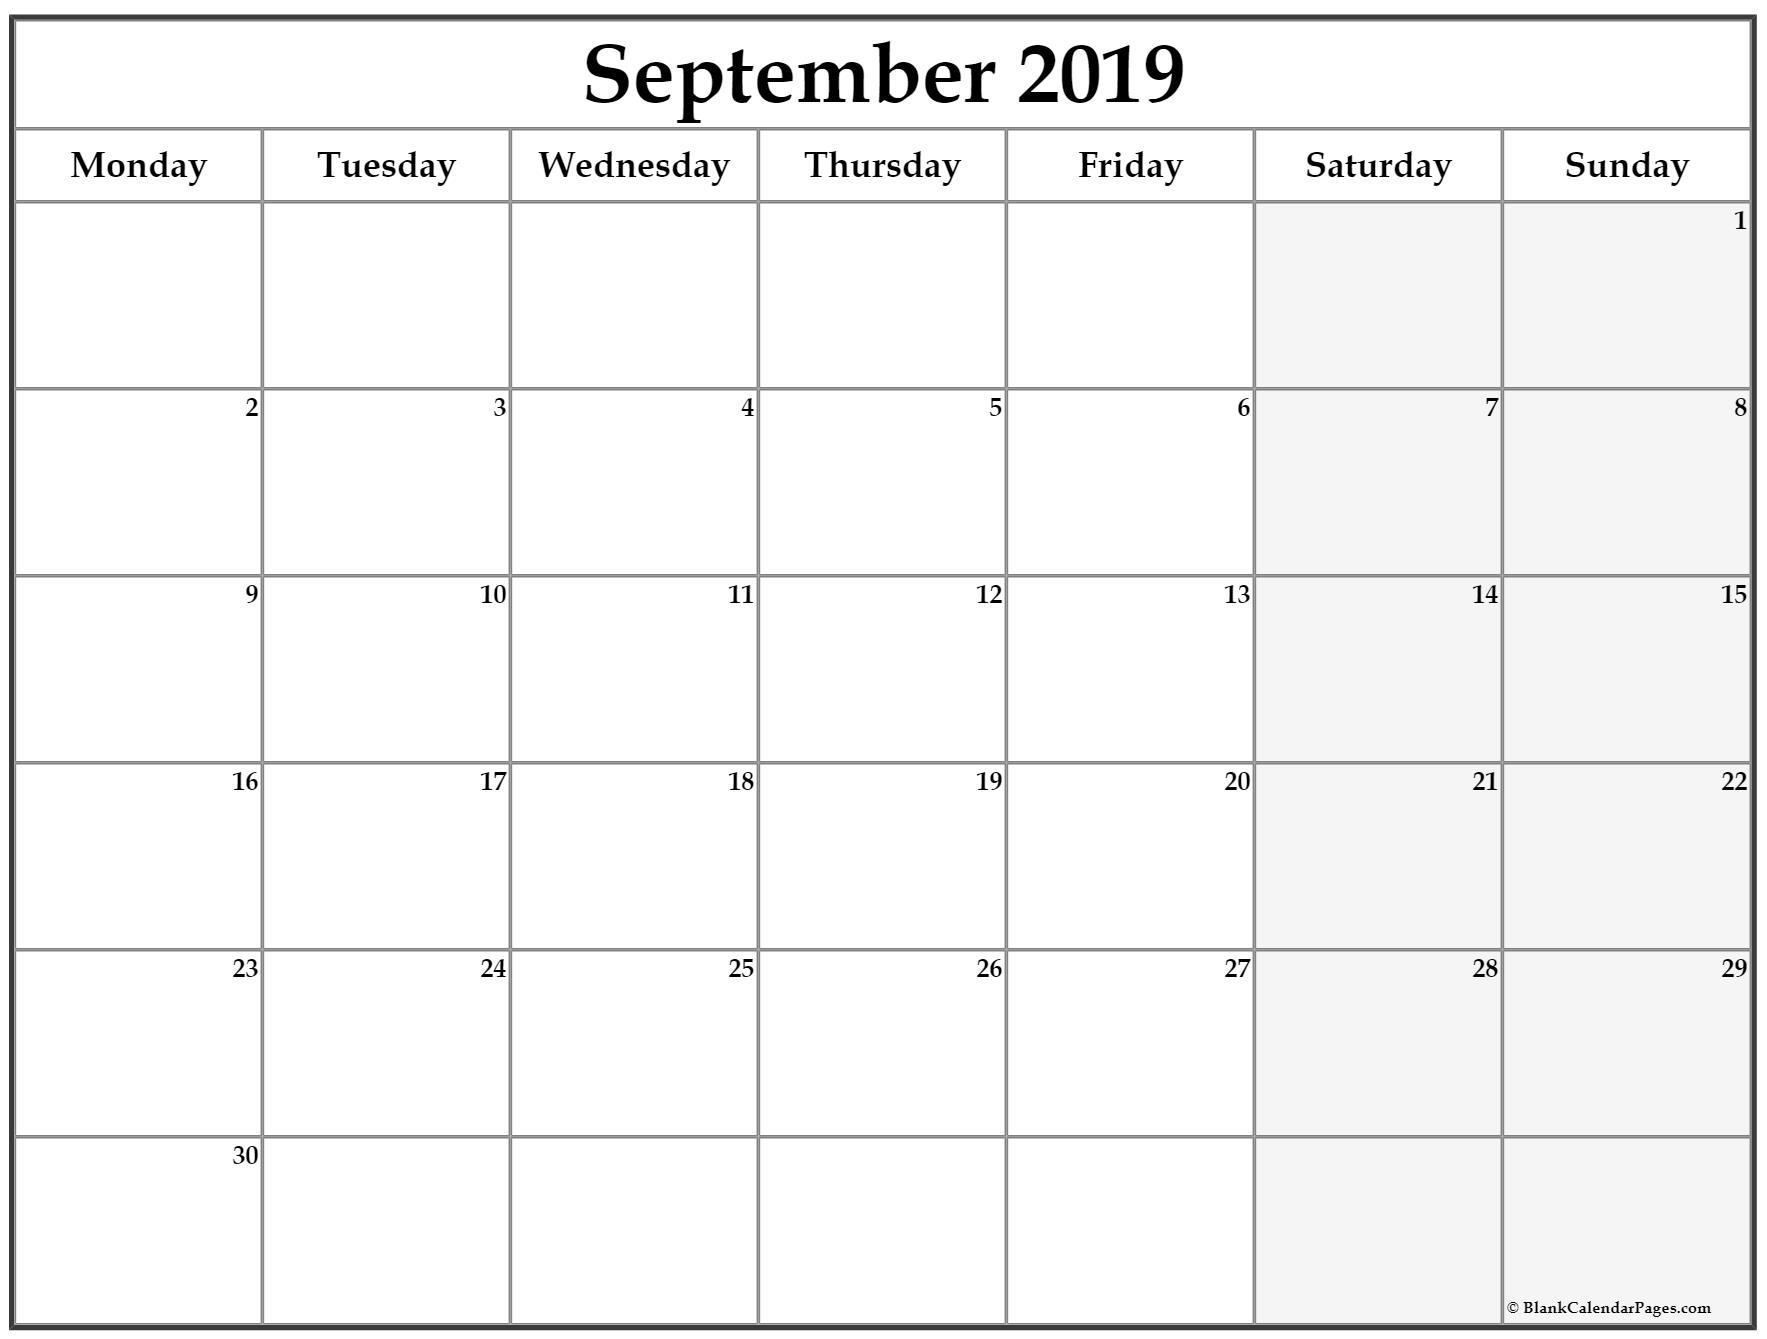 September 2019 Monday Calendar